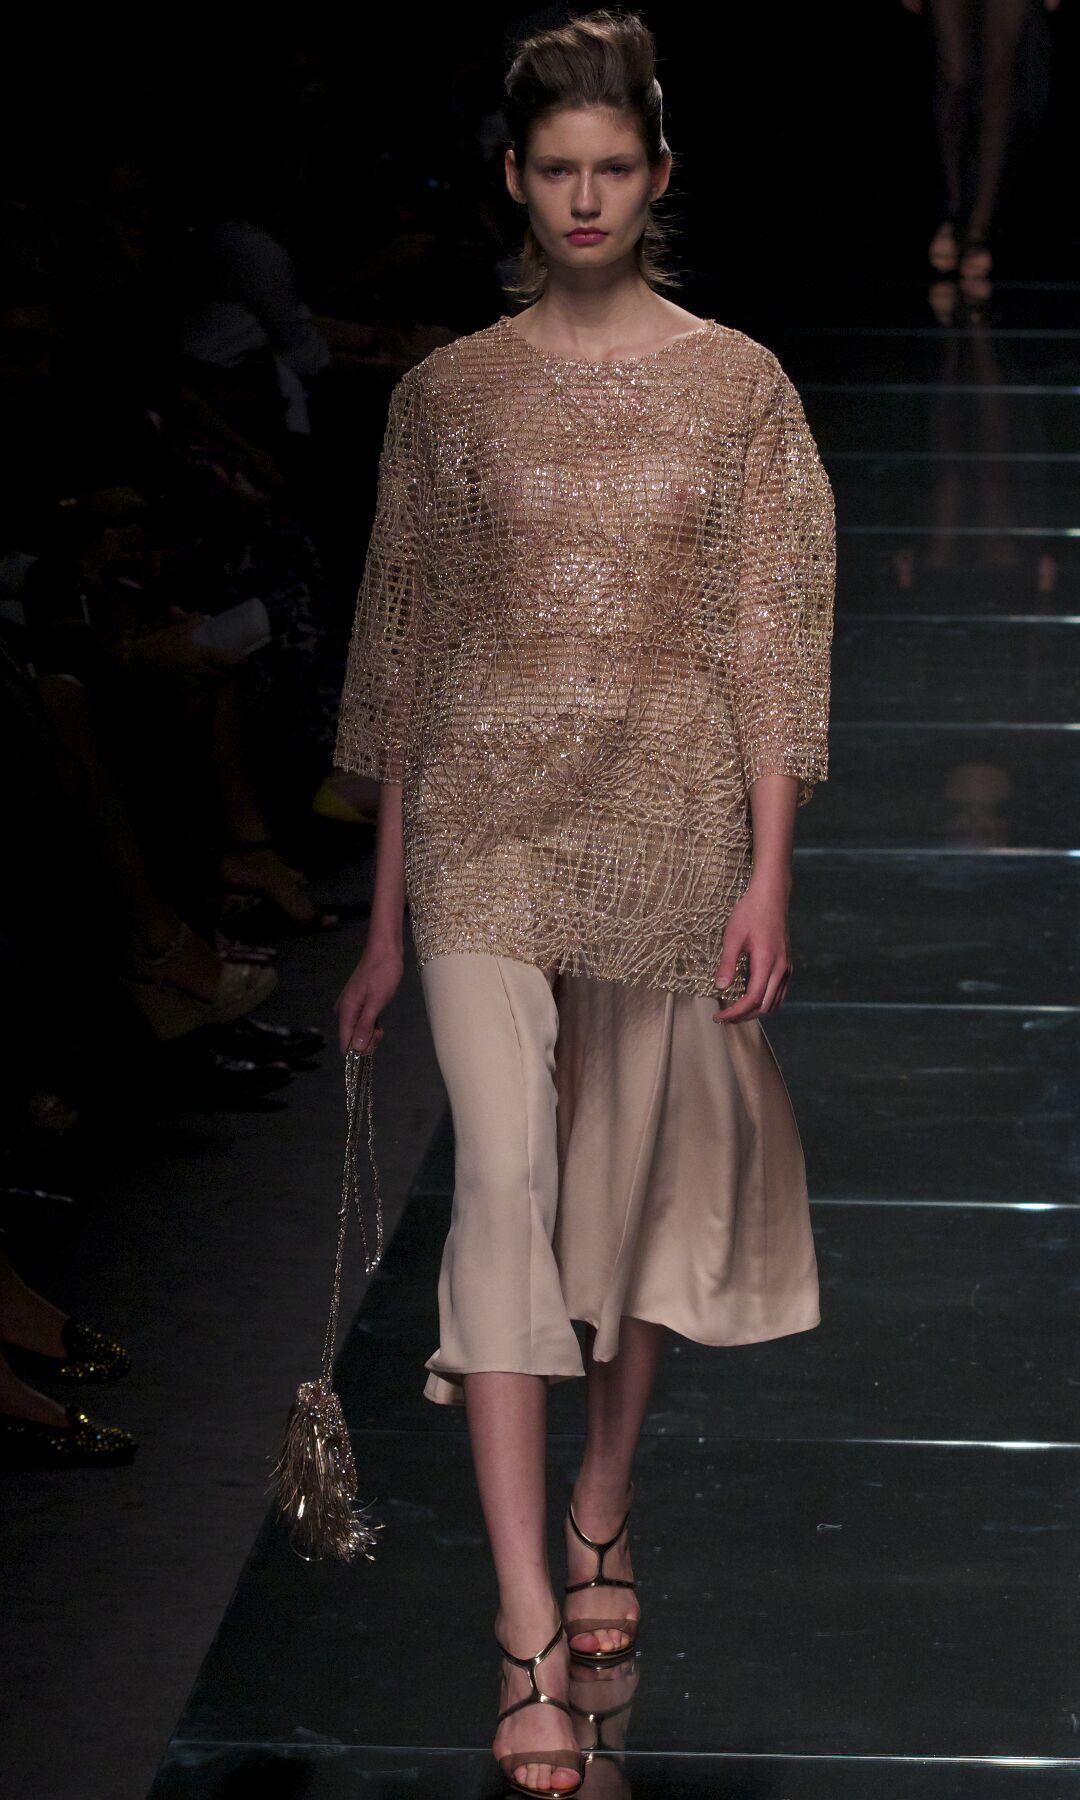 Anteprima Finale Fashion Show Milano Fashion Week